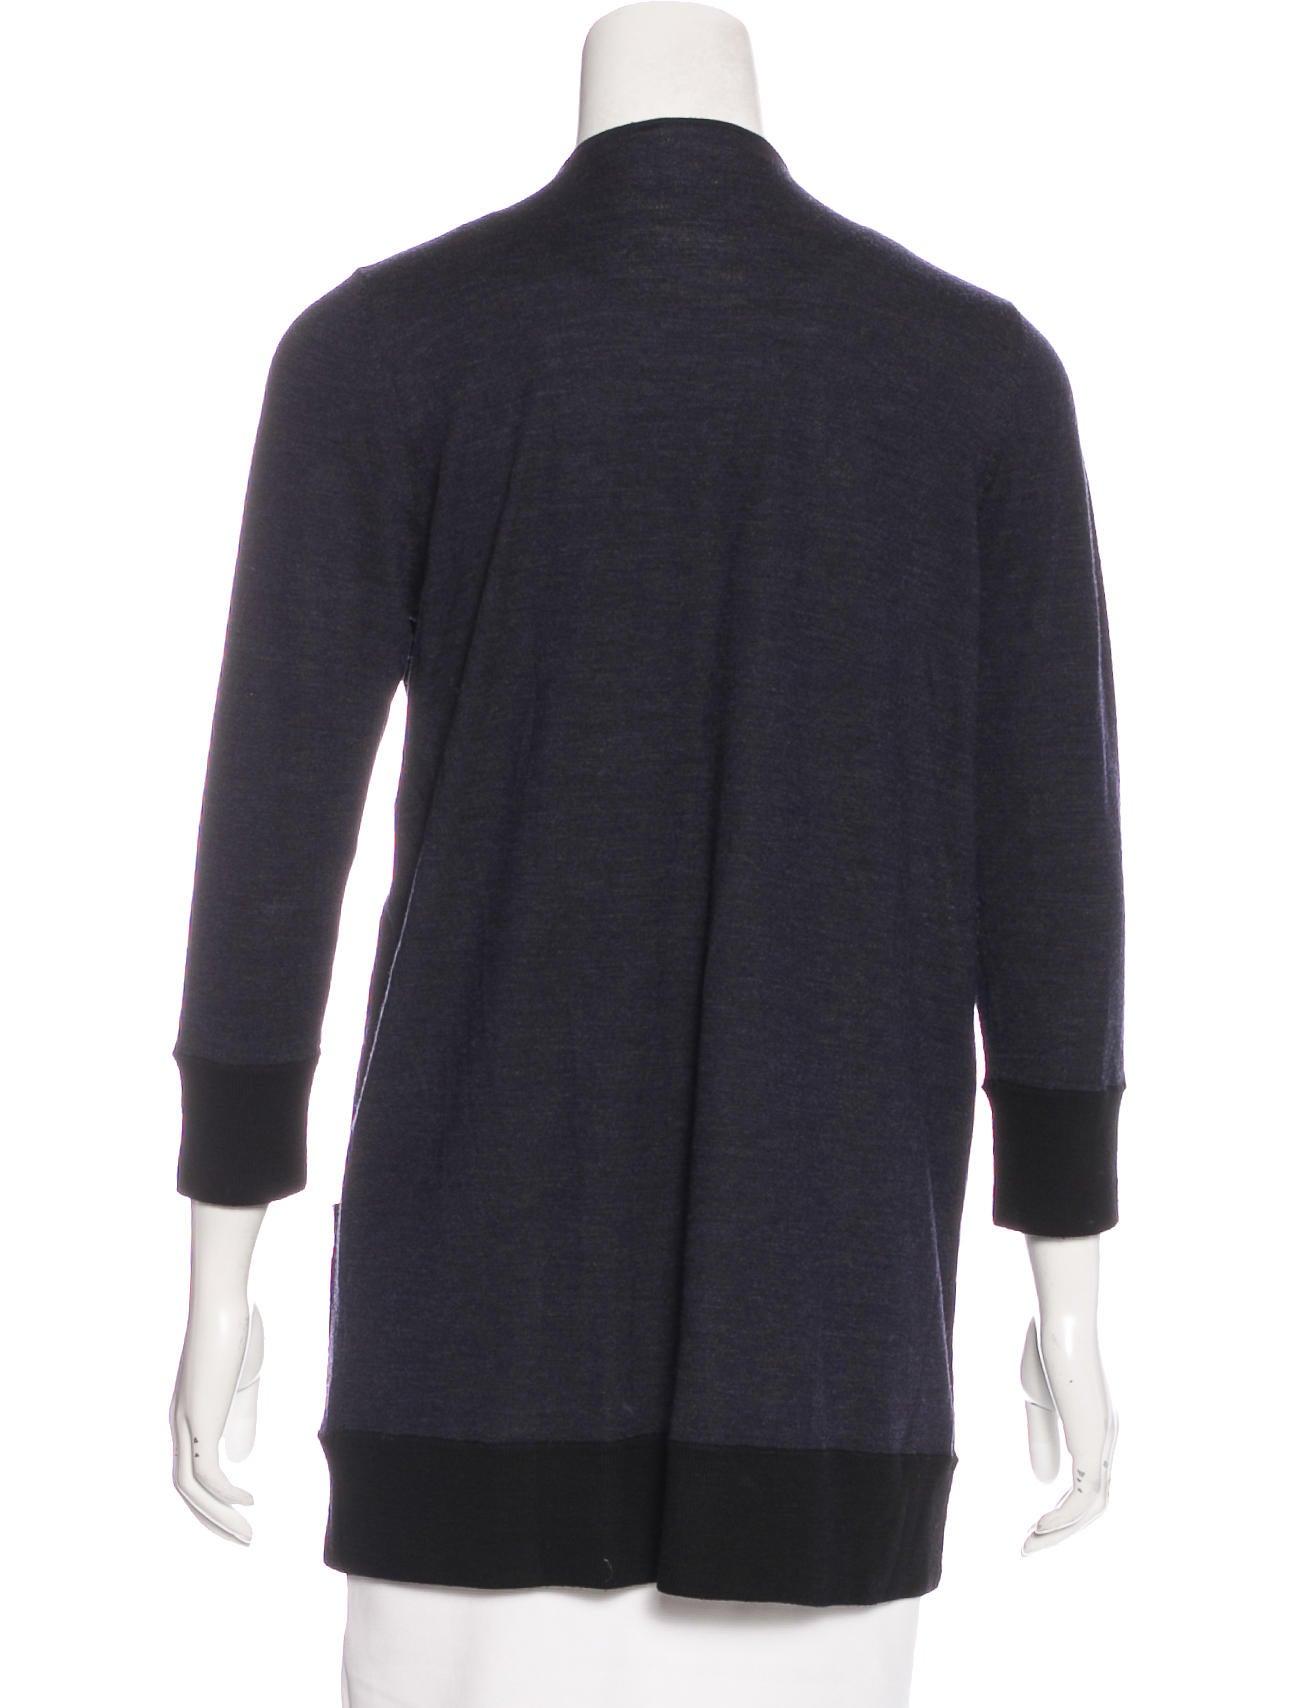 Women'S Wool Zip Cardigan 51